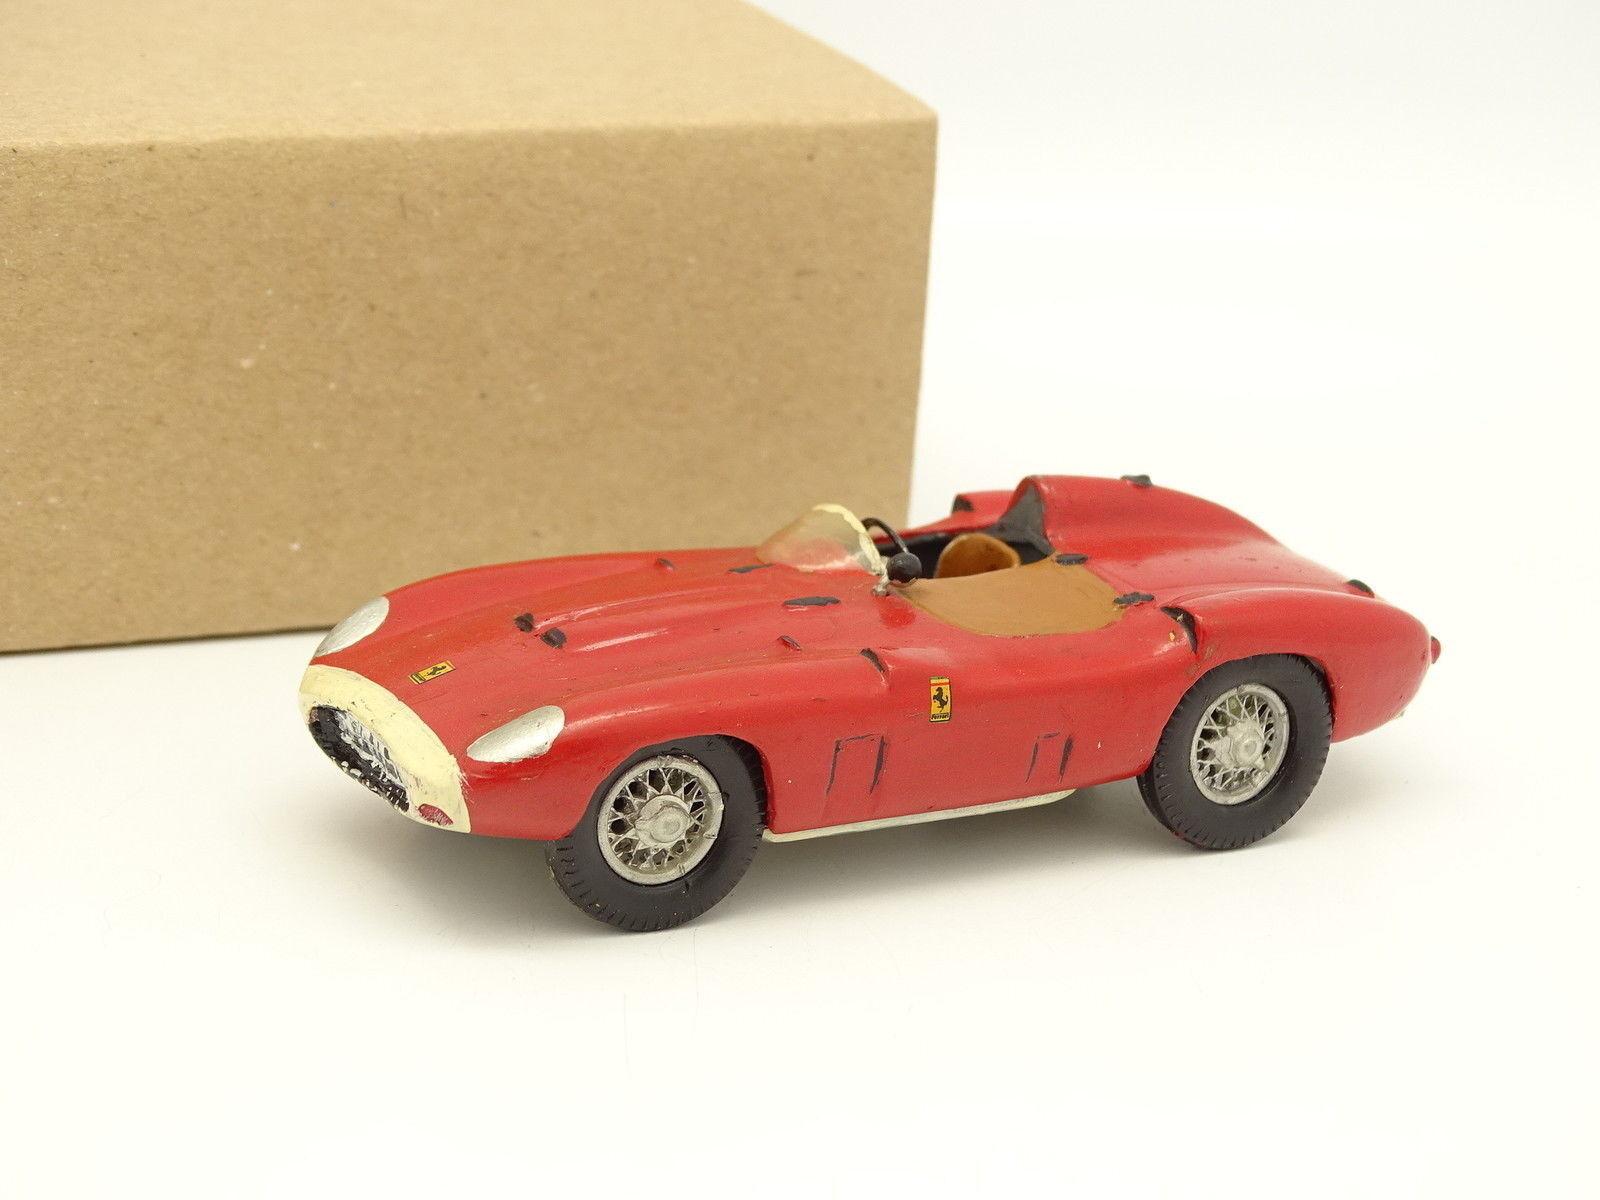 John Day Kit Metal Mounted 1 43 - Ferrari 860 monza